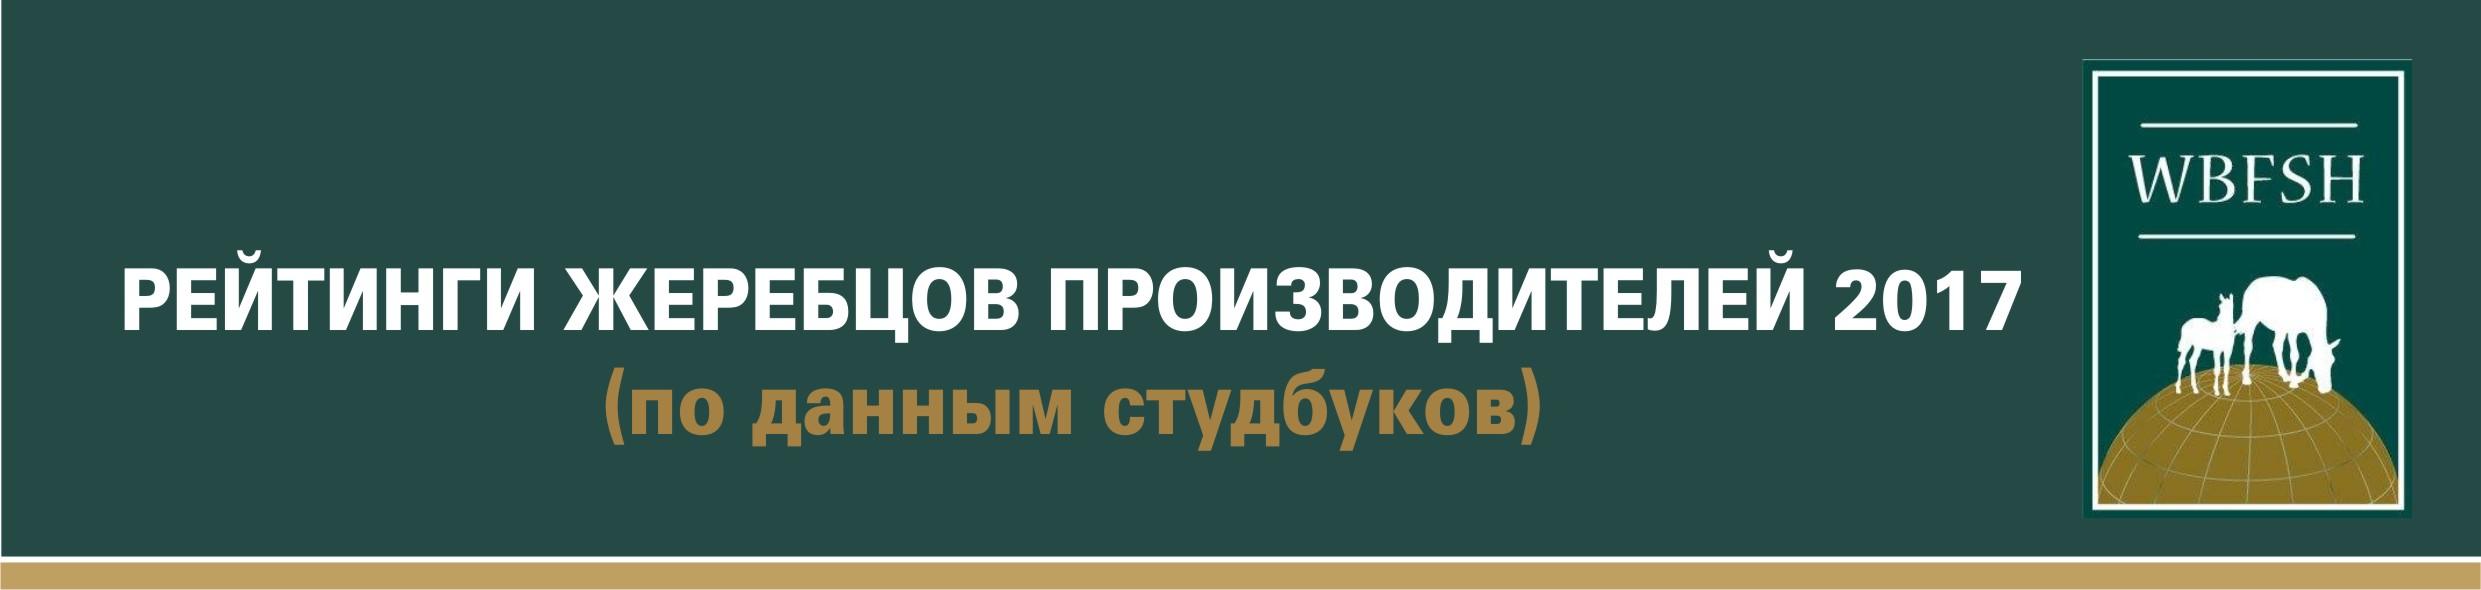 Рейтинги жеребцов производителей 2017 (по данным студбуков)_(выпуск журнала №40)